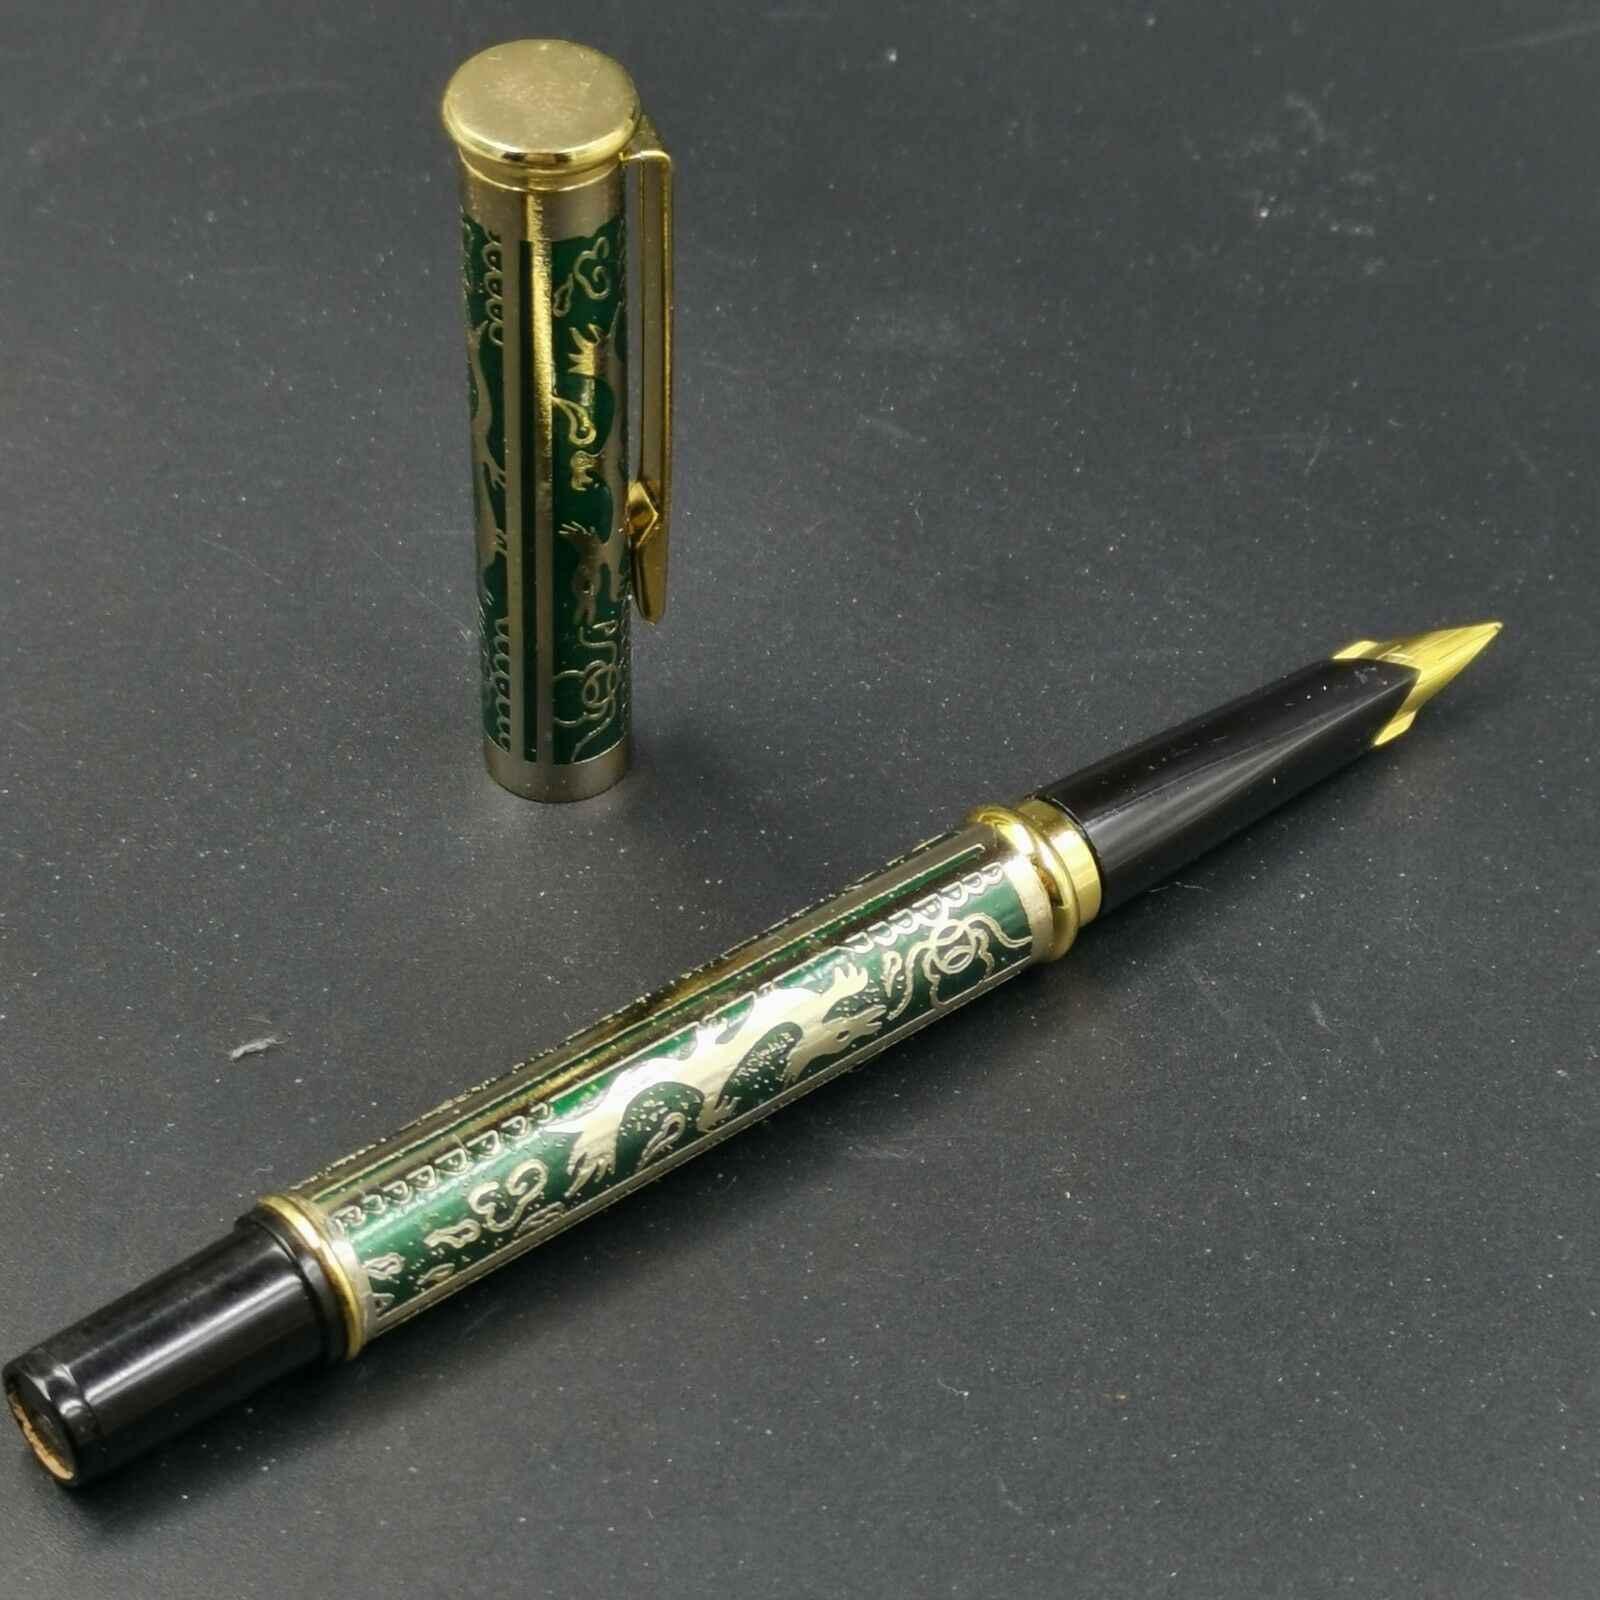 Yeni nadir eski stok, KSL dolma kalem, yeşil renk, ejderha desen kırtasiye ofis okul malzemeleri penna stilografica